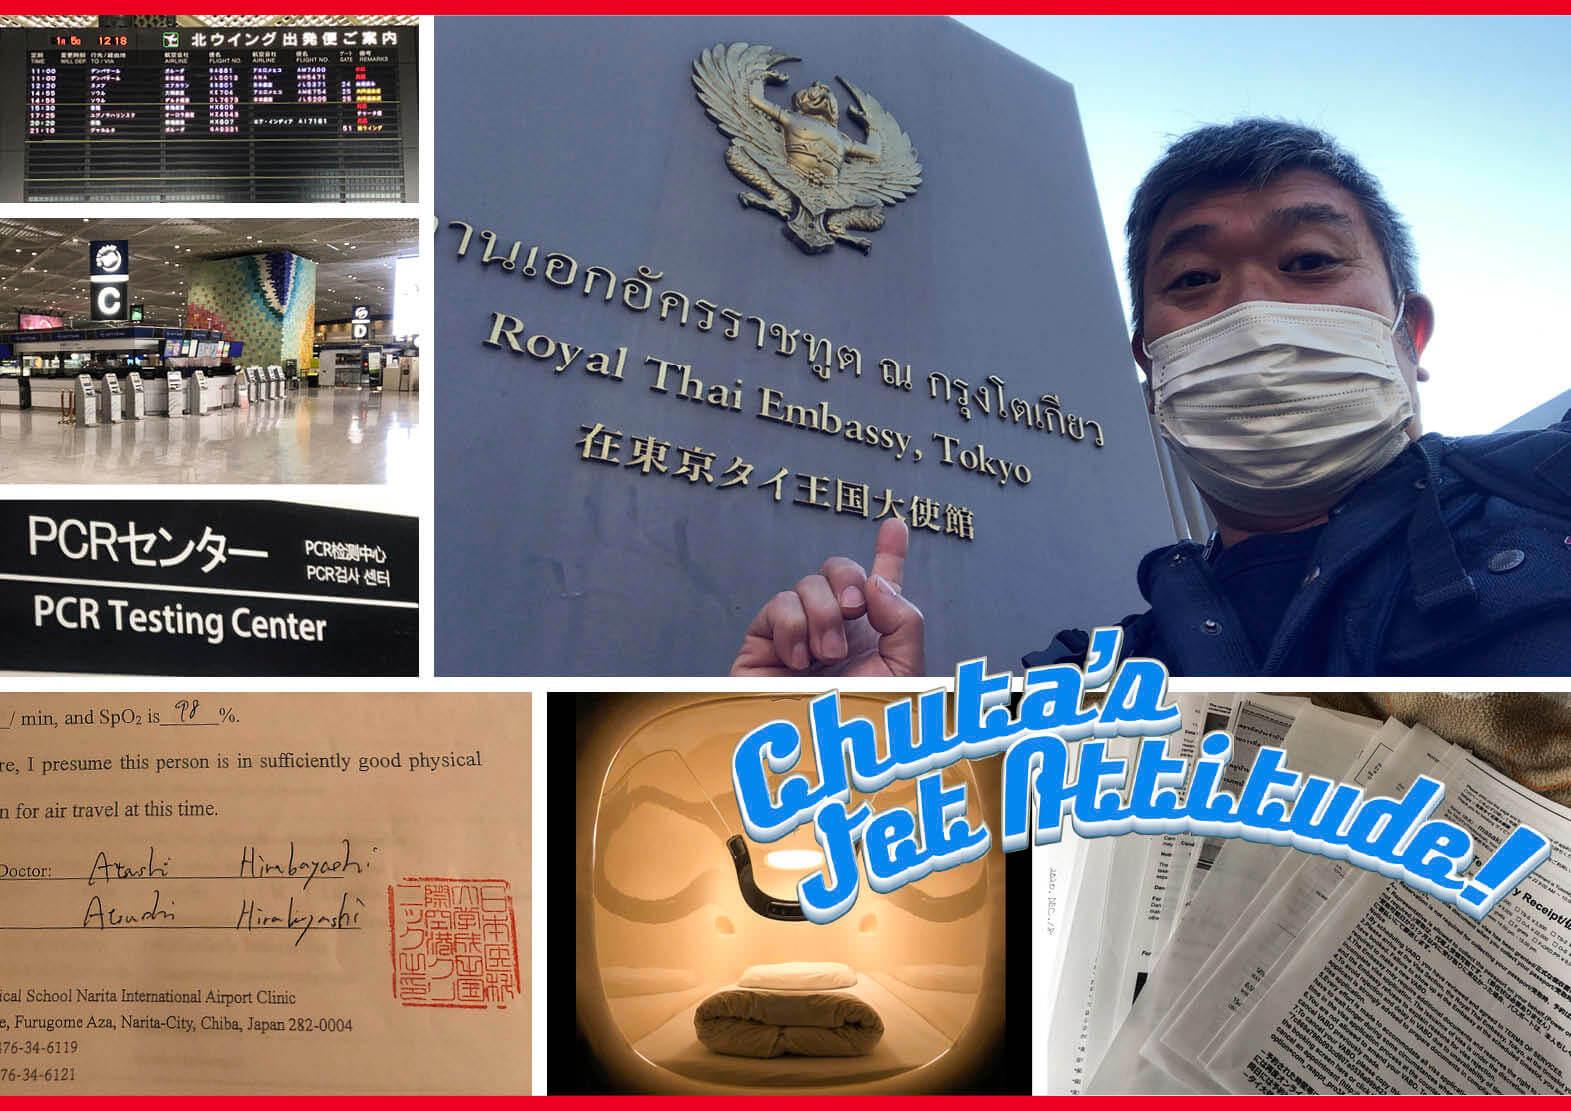 中田正樹コラム2021  国内での出国準備編 日本を出国するまでにやることを全部見せます 前編・タイに入国するまで 「コロナ禍での海外レース」 Chuta's Jet Attitude ジェットスキー(水上バイク)